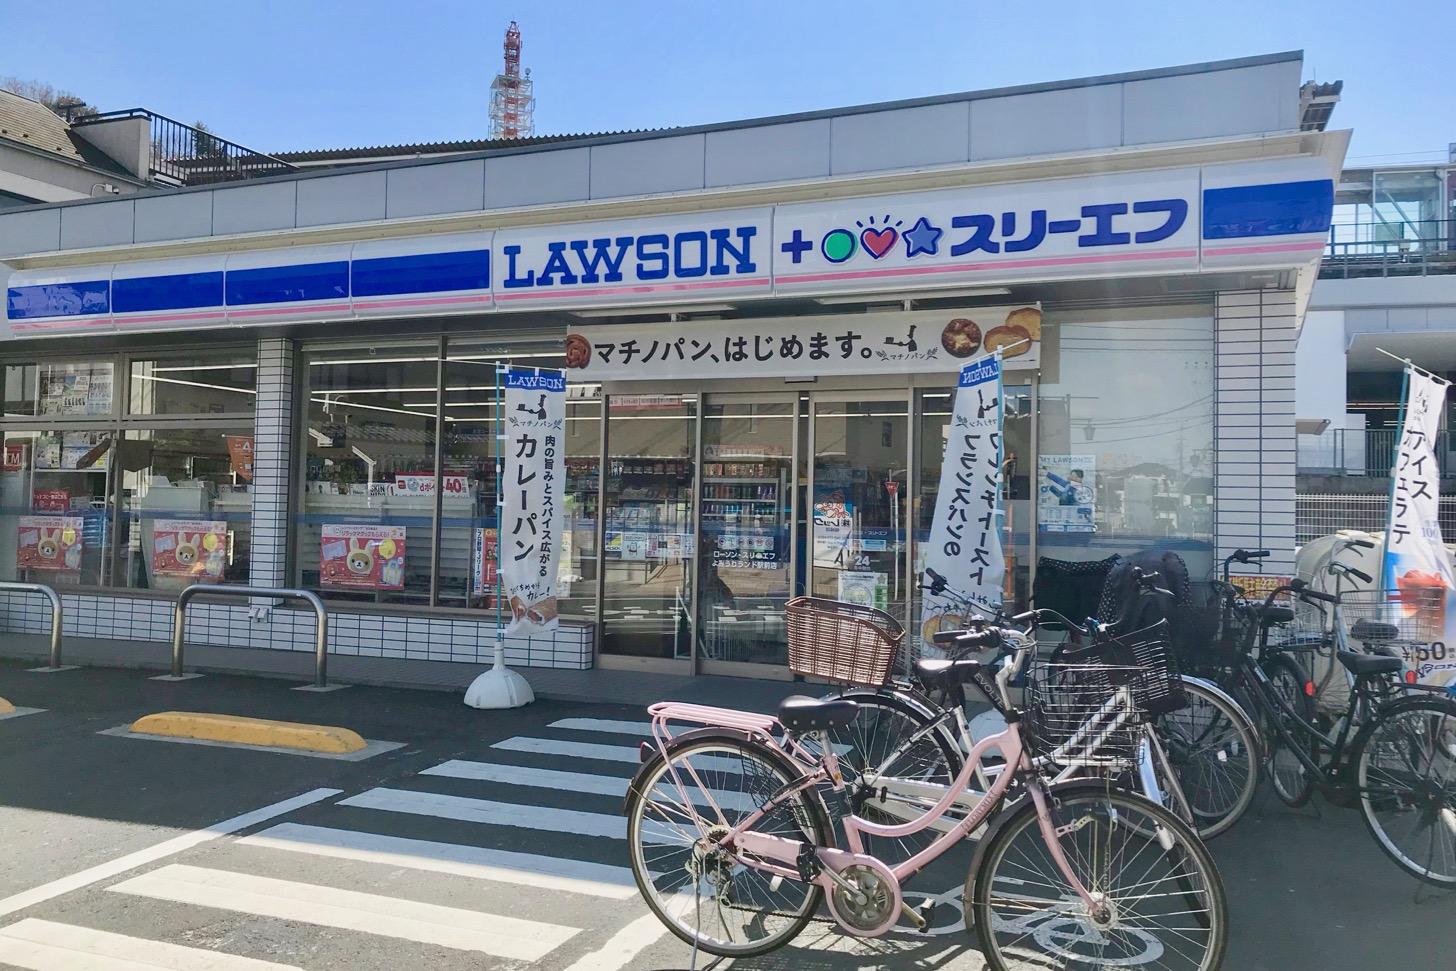 ローソン LAWSON+スリーエフよみうりランド駅前店